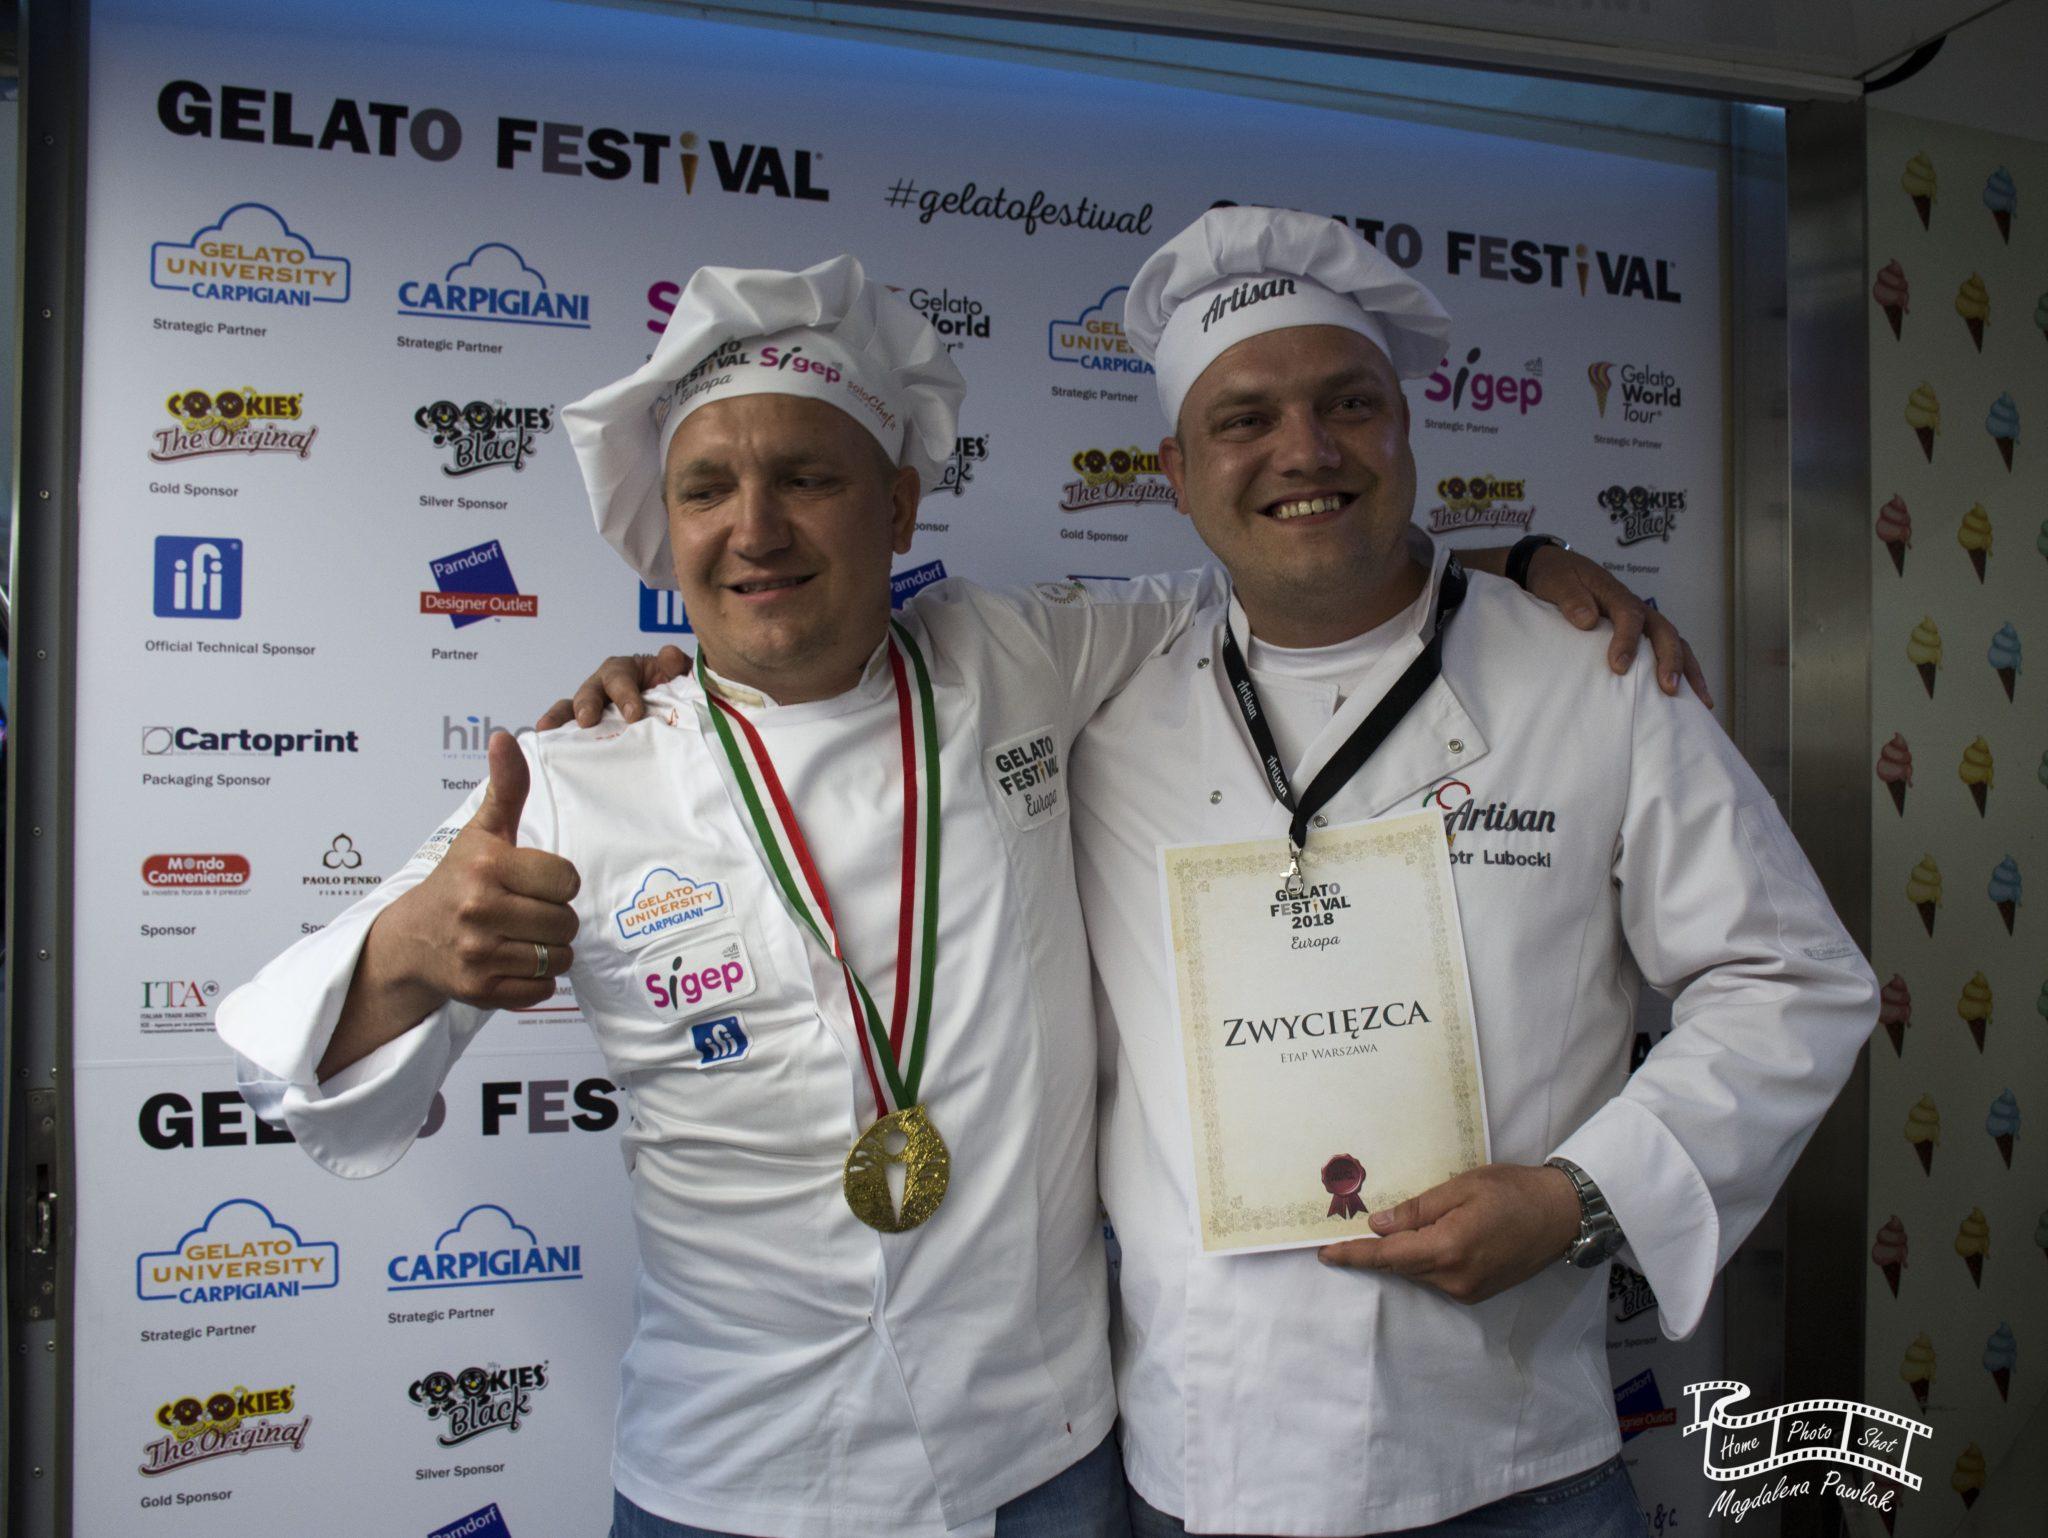 Gelato Festival 2018 w Warszawie dobiegł końca